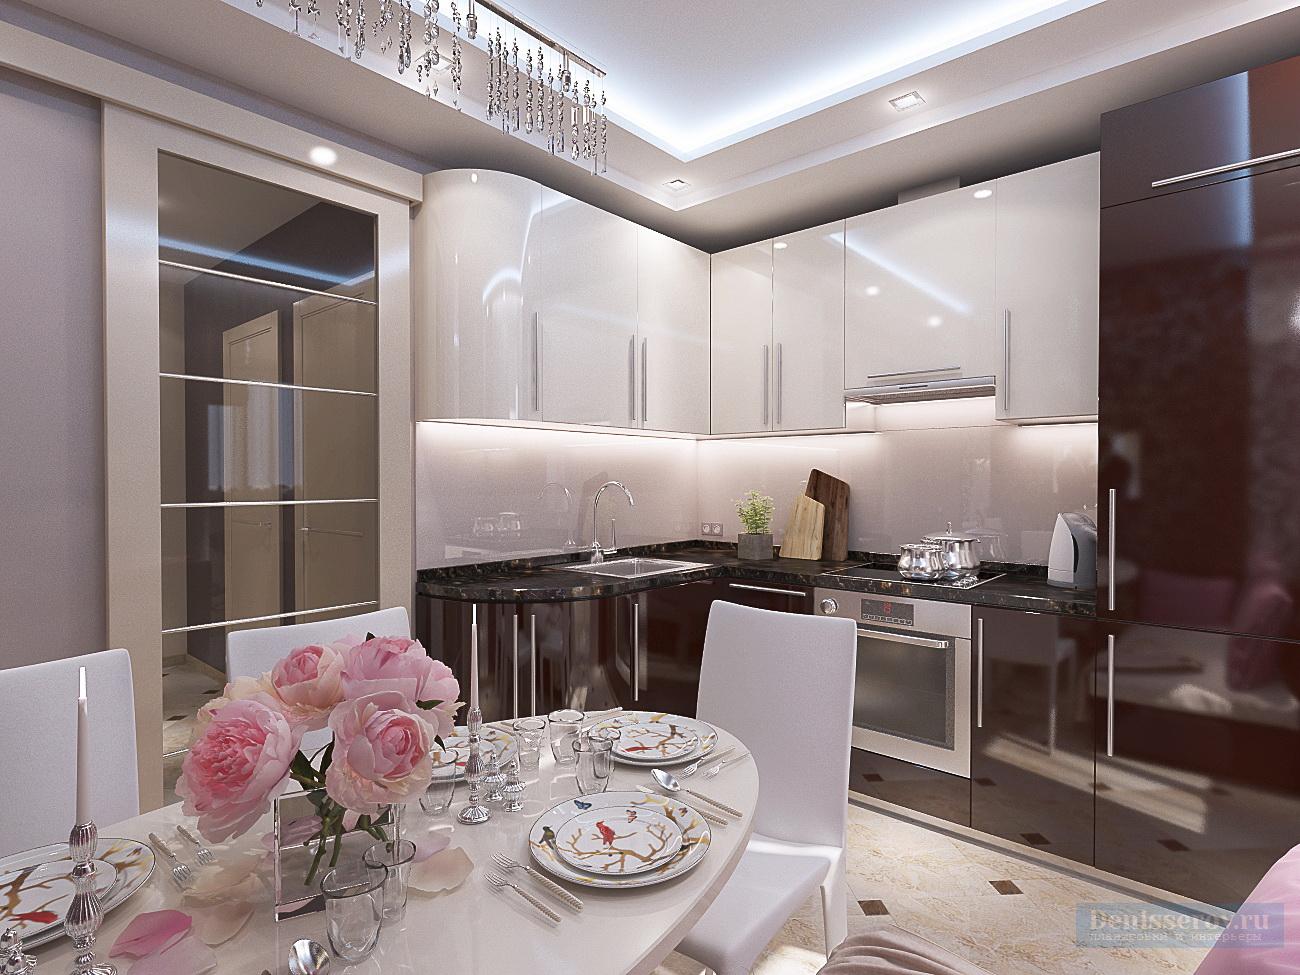 дизайн кухни в однокомнатной квартире 10 кв.м.